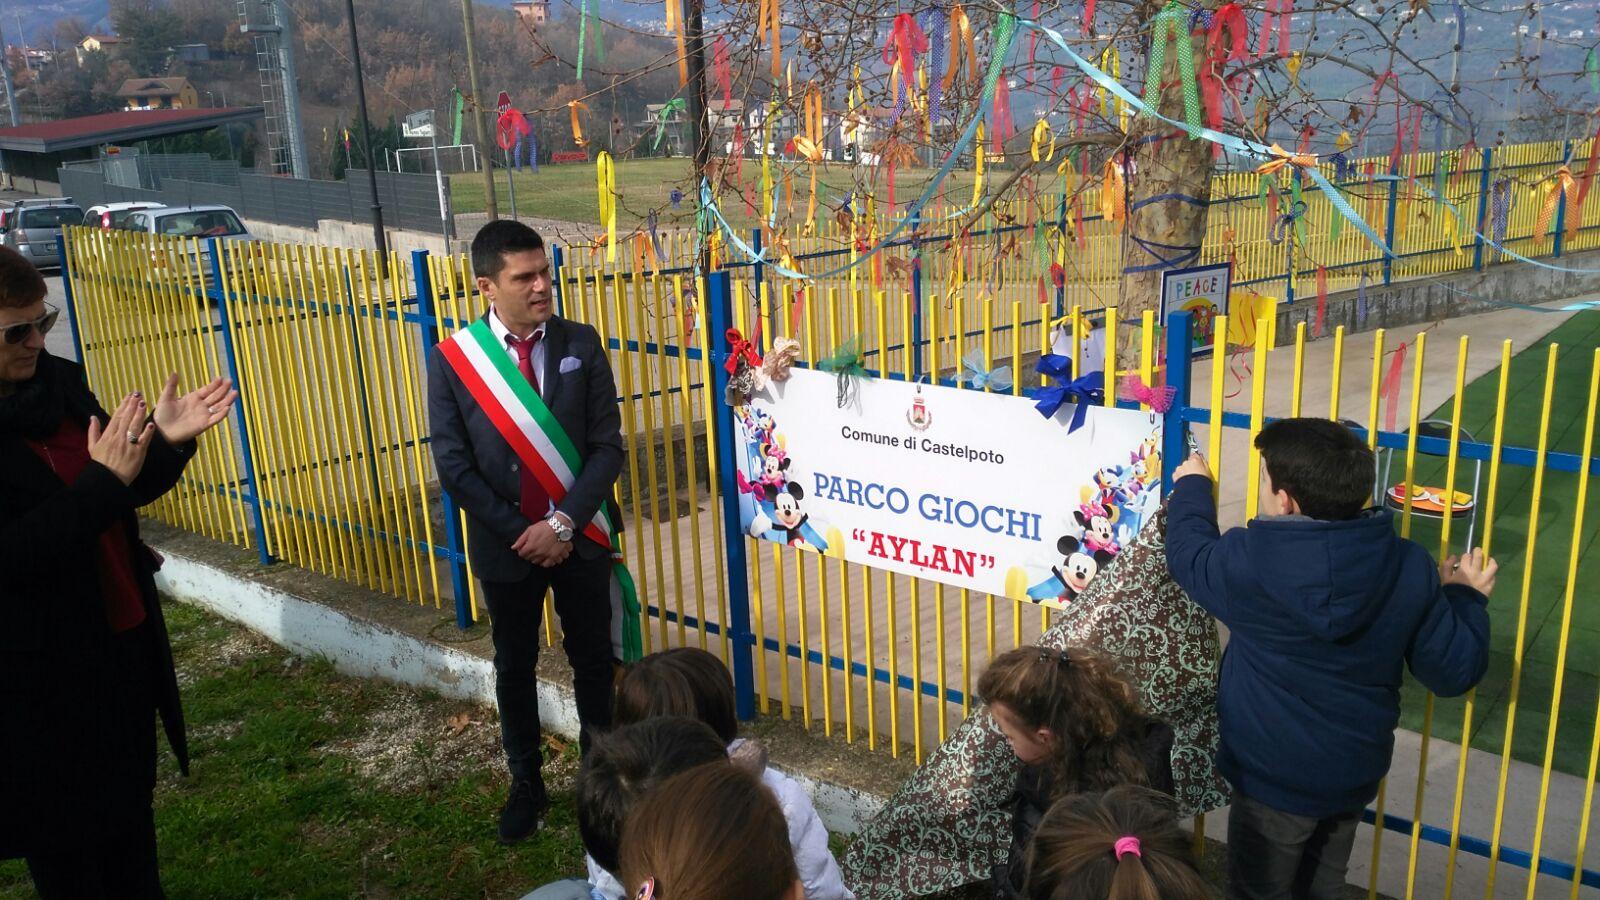 Castelpoto, inaugurato il parco giochi Aylan Kurdi